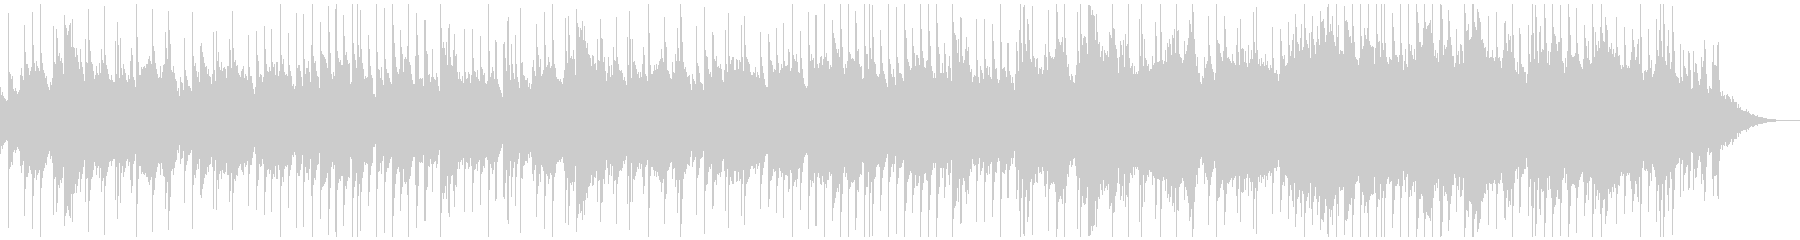 蛍の光 ジャジーなオーケストラアレンジの未再生の波形